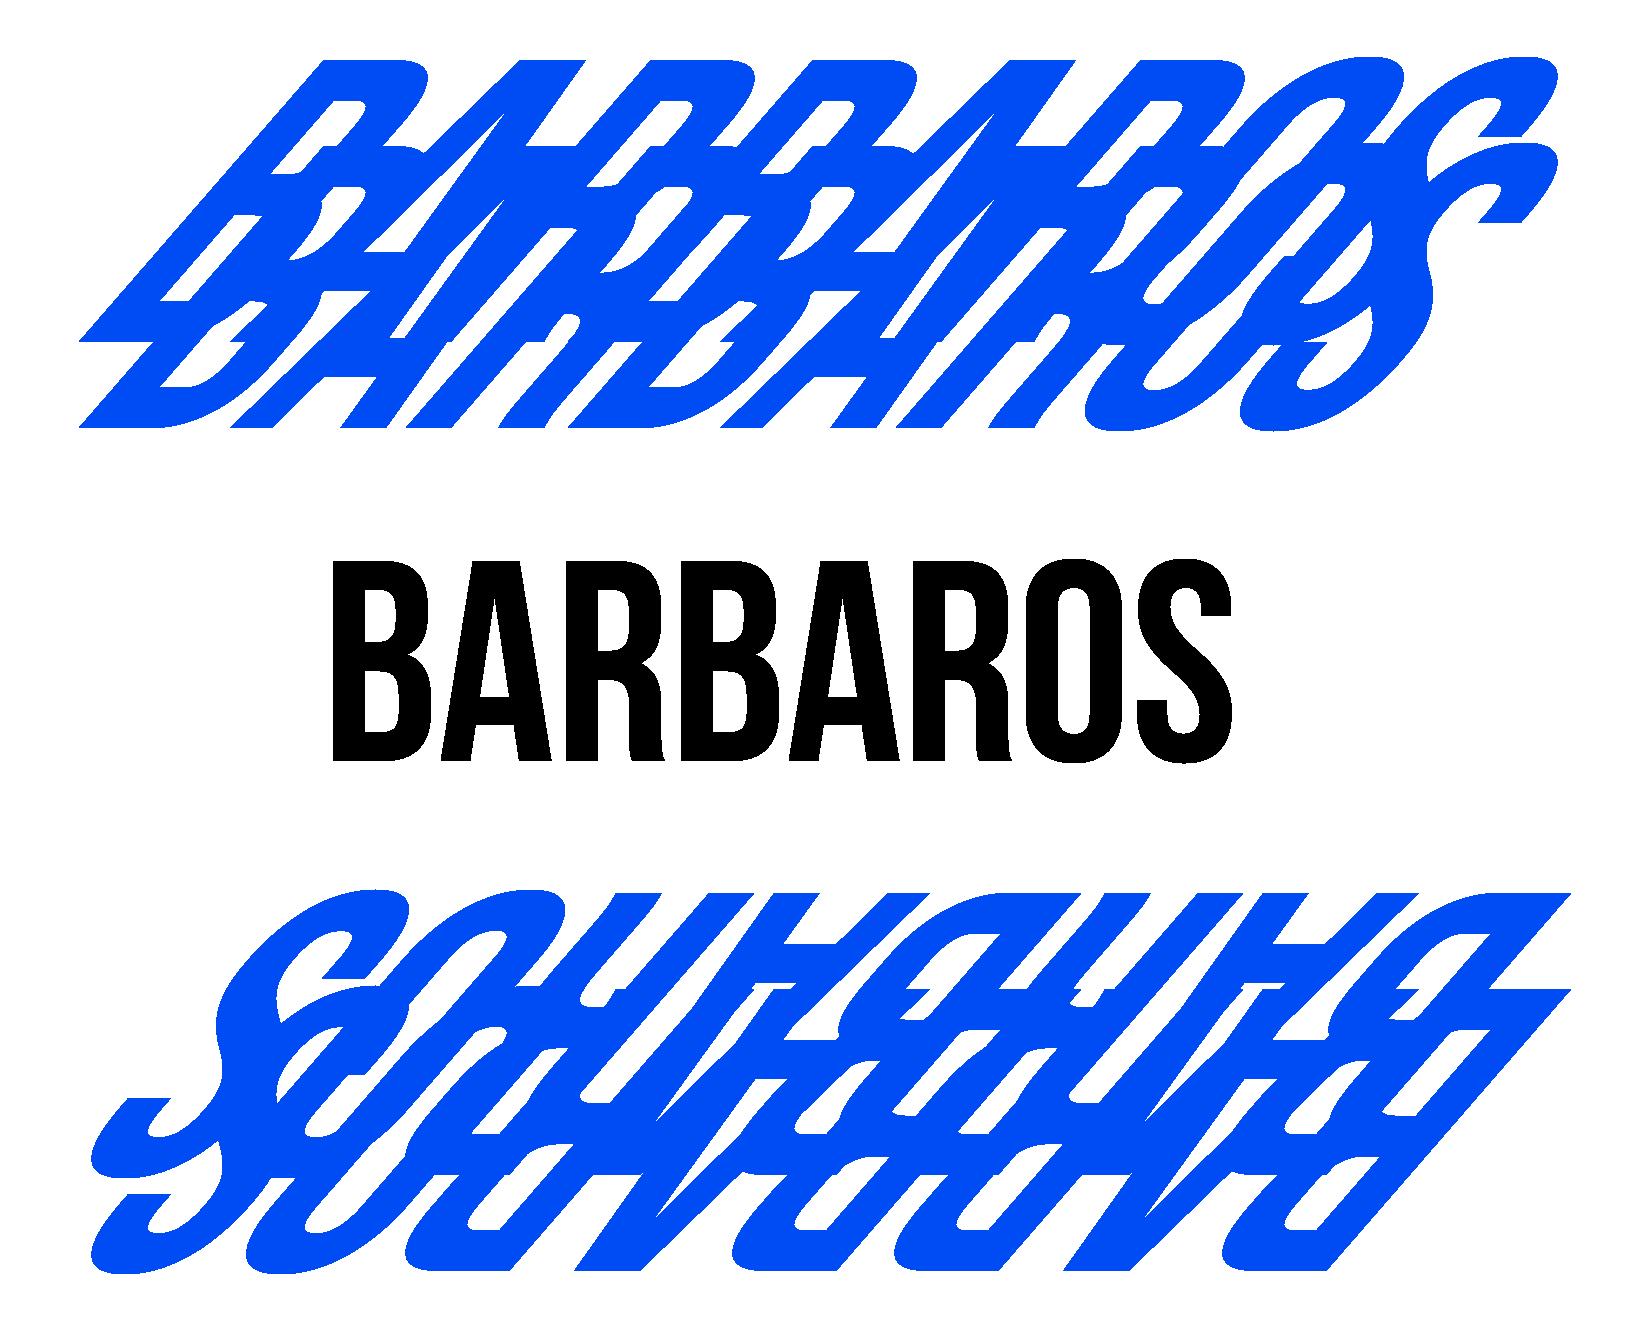 Barbaros Signature